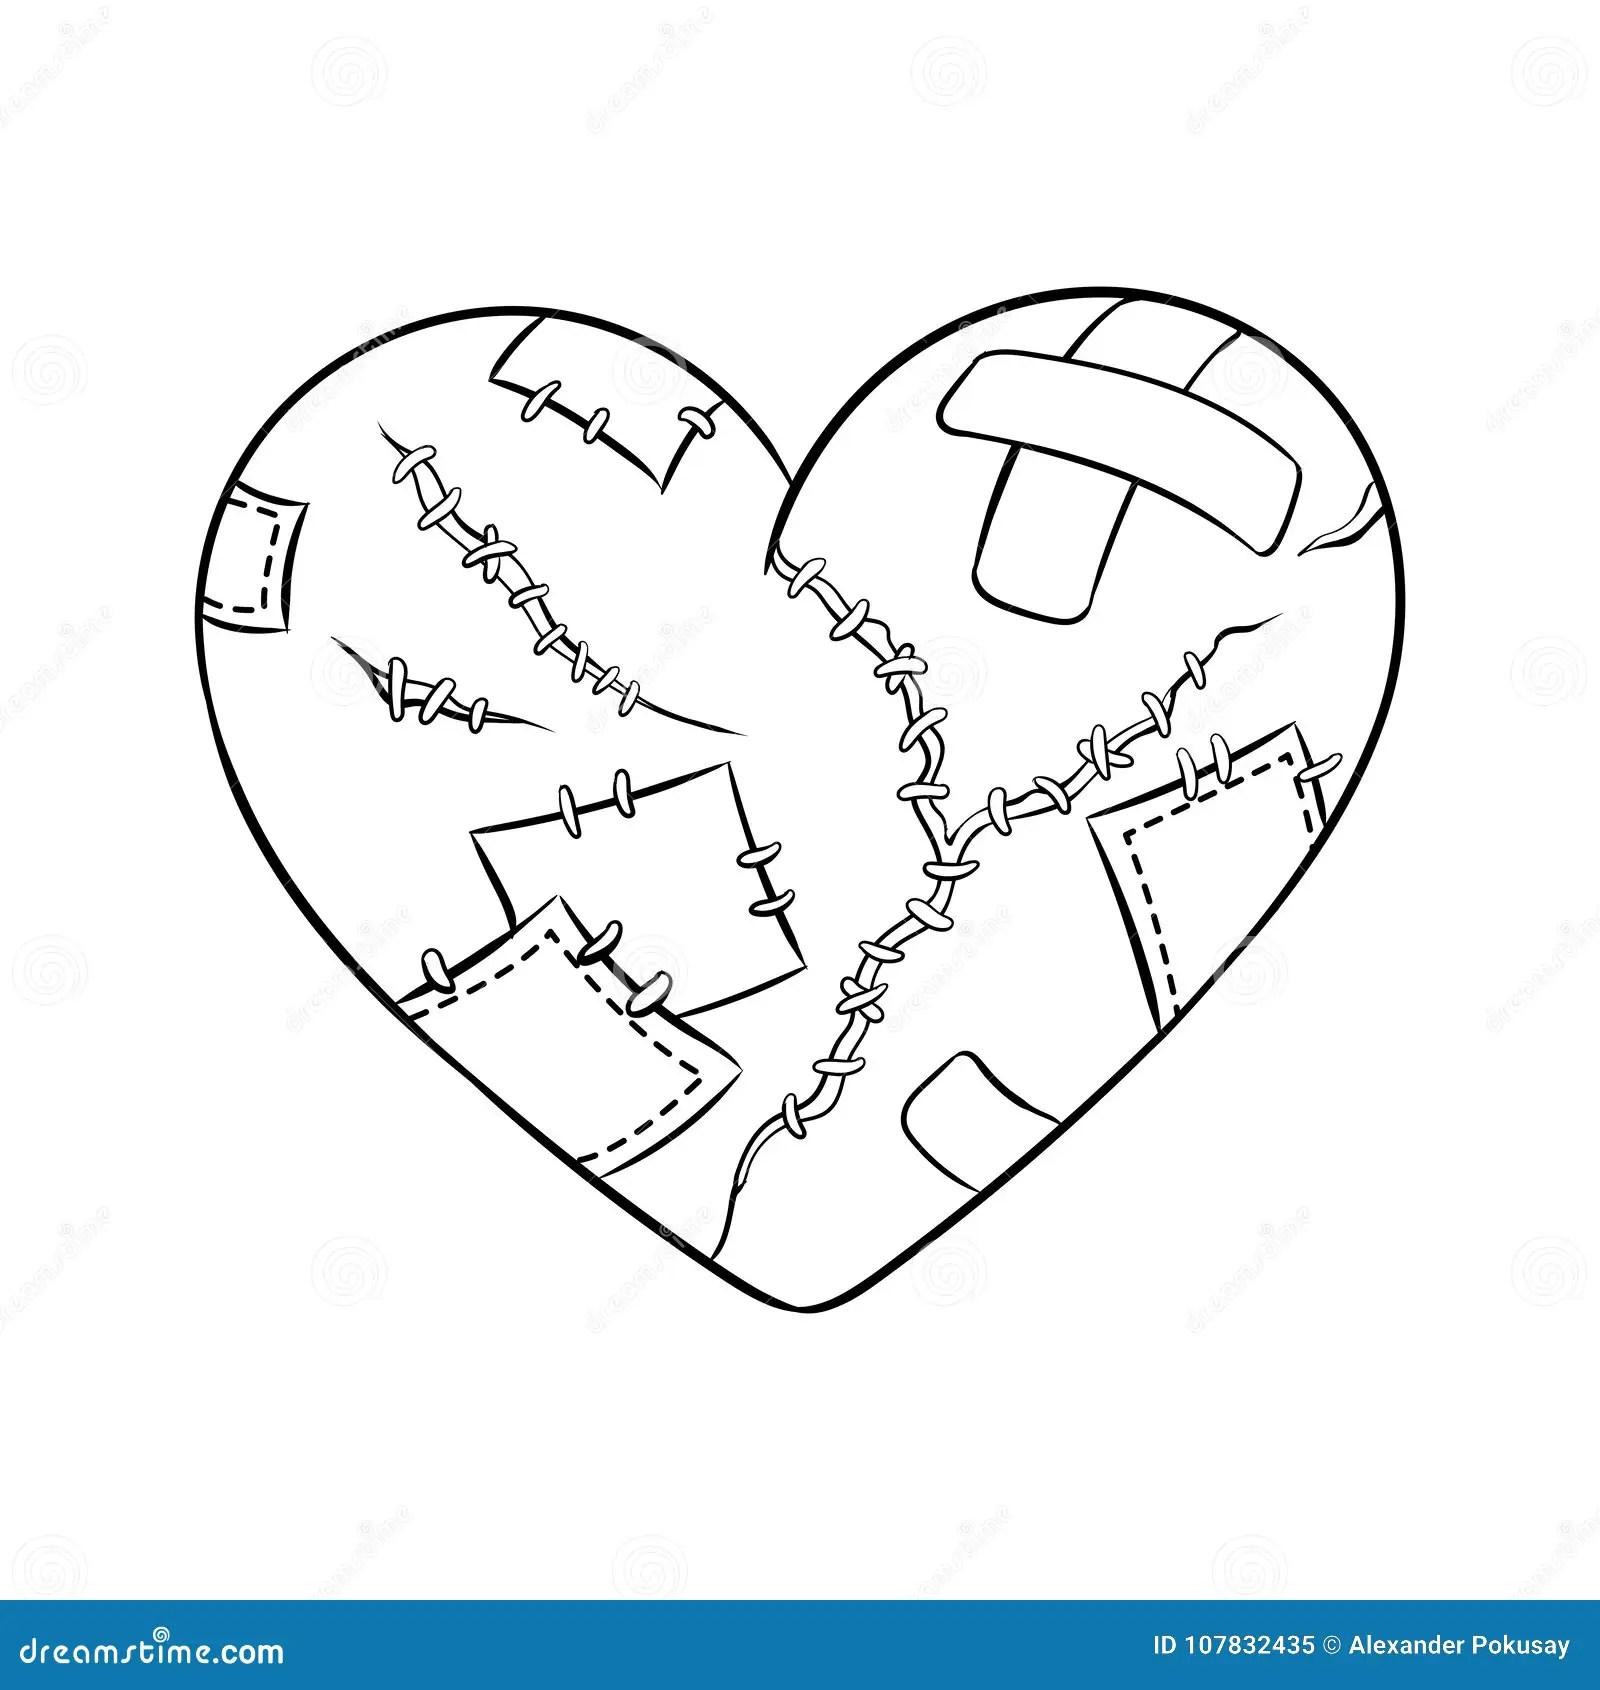 Broken Heart Metaphor Coloring Book Vector Stock Vector